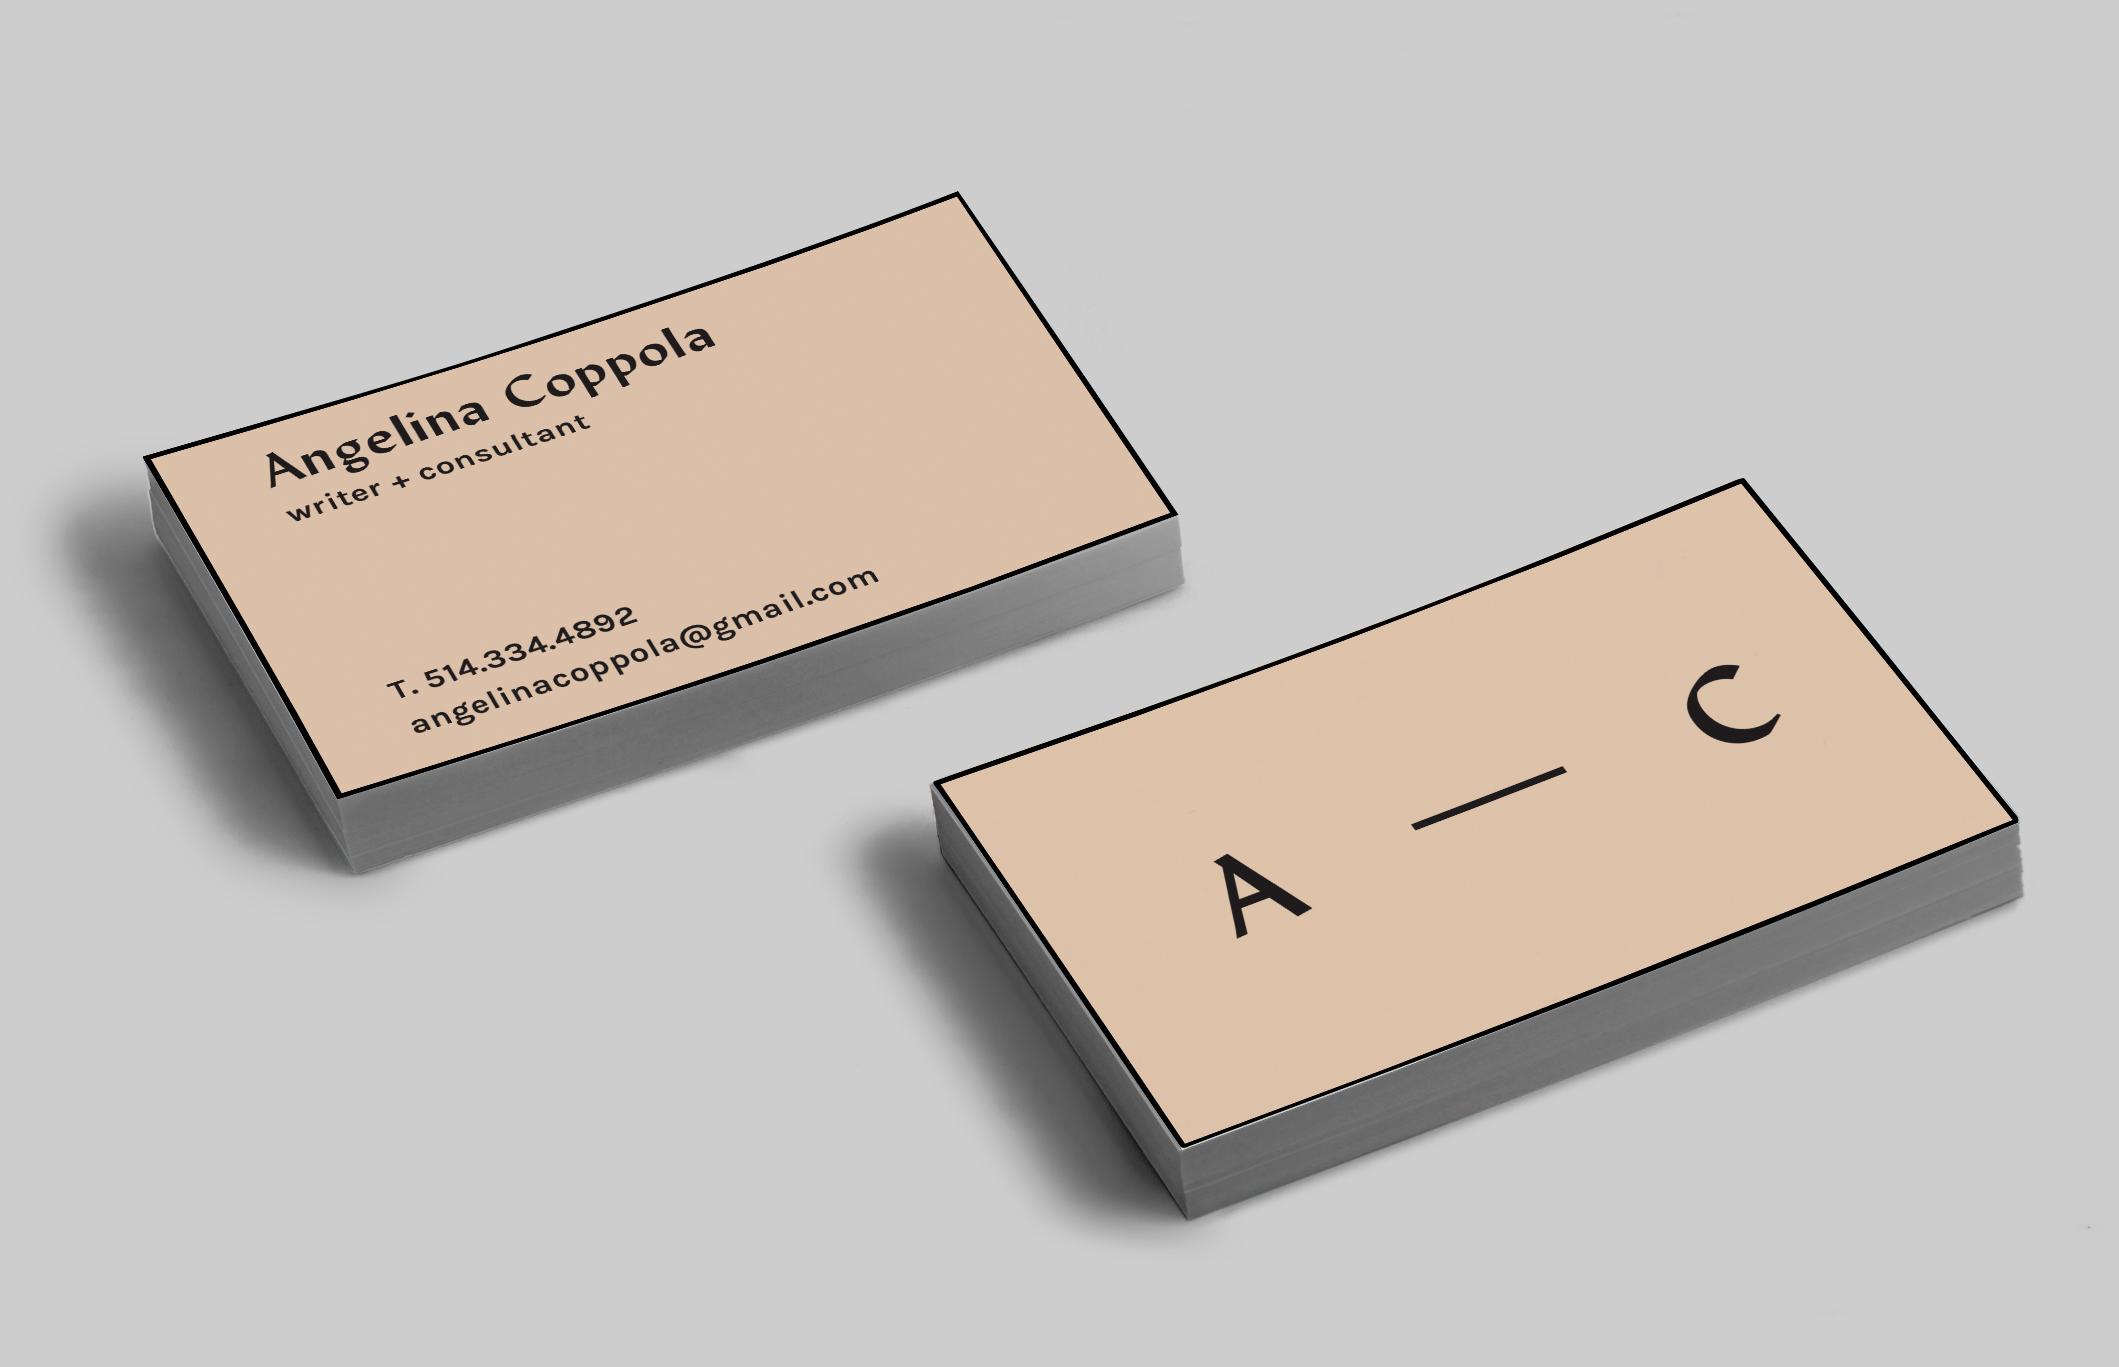 BUSINESS CARDS - sophia arriola-gibson